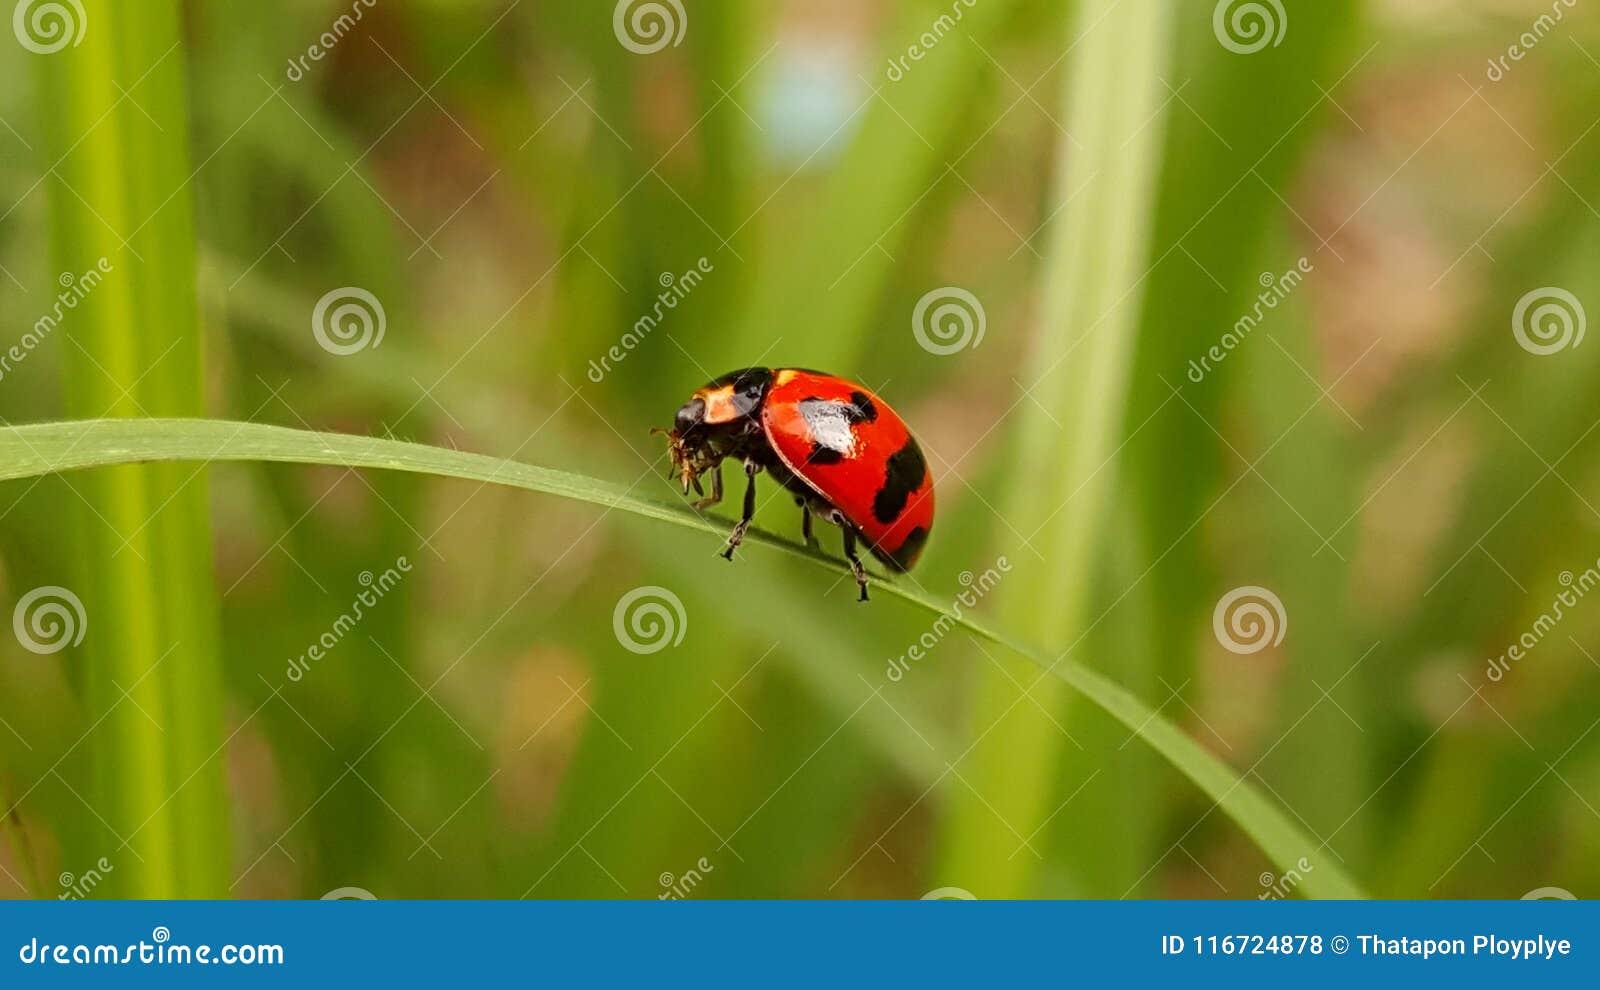 Wonderful ladybug from Thailand